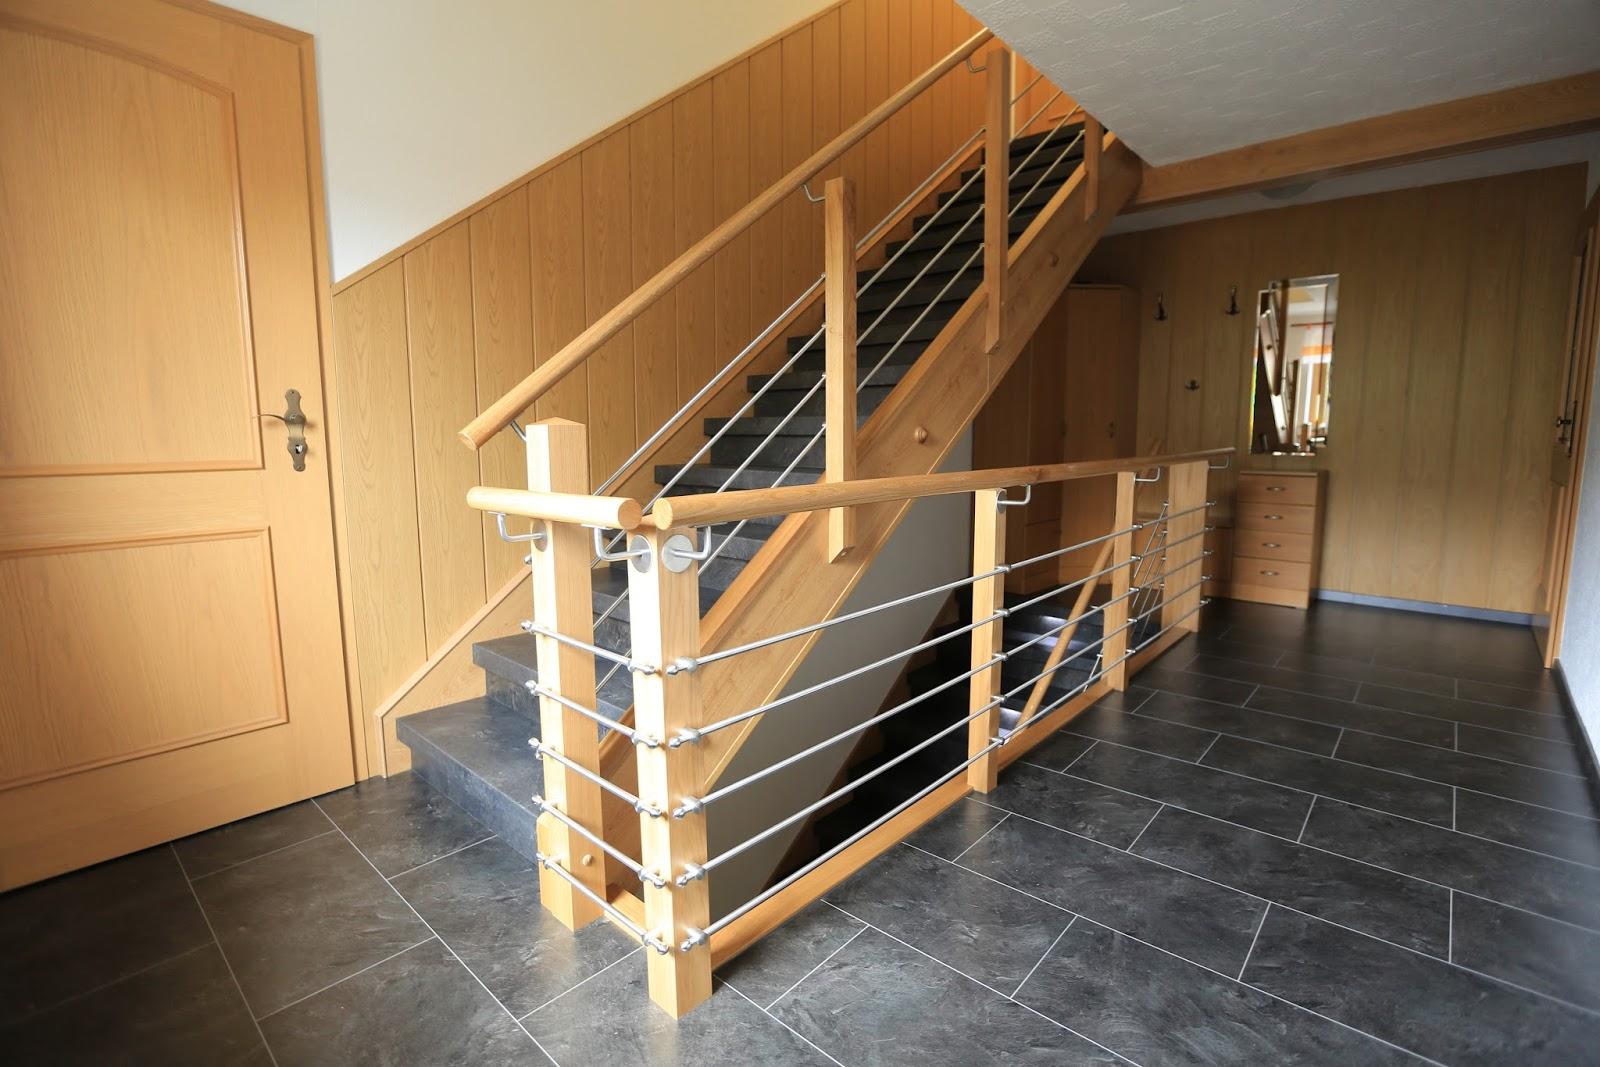 Holz Gelander Innen Selber Bauen Treppengelander Holz Wie Teuer Bvrao